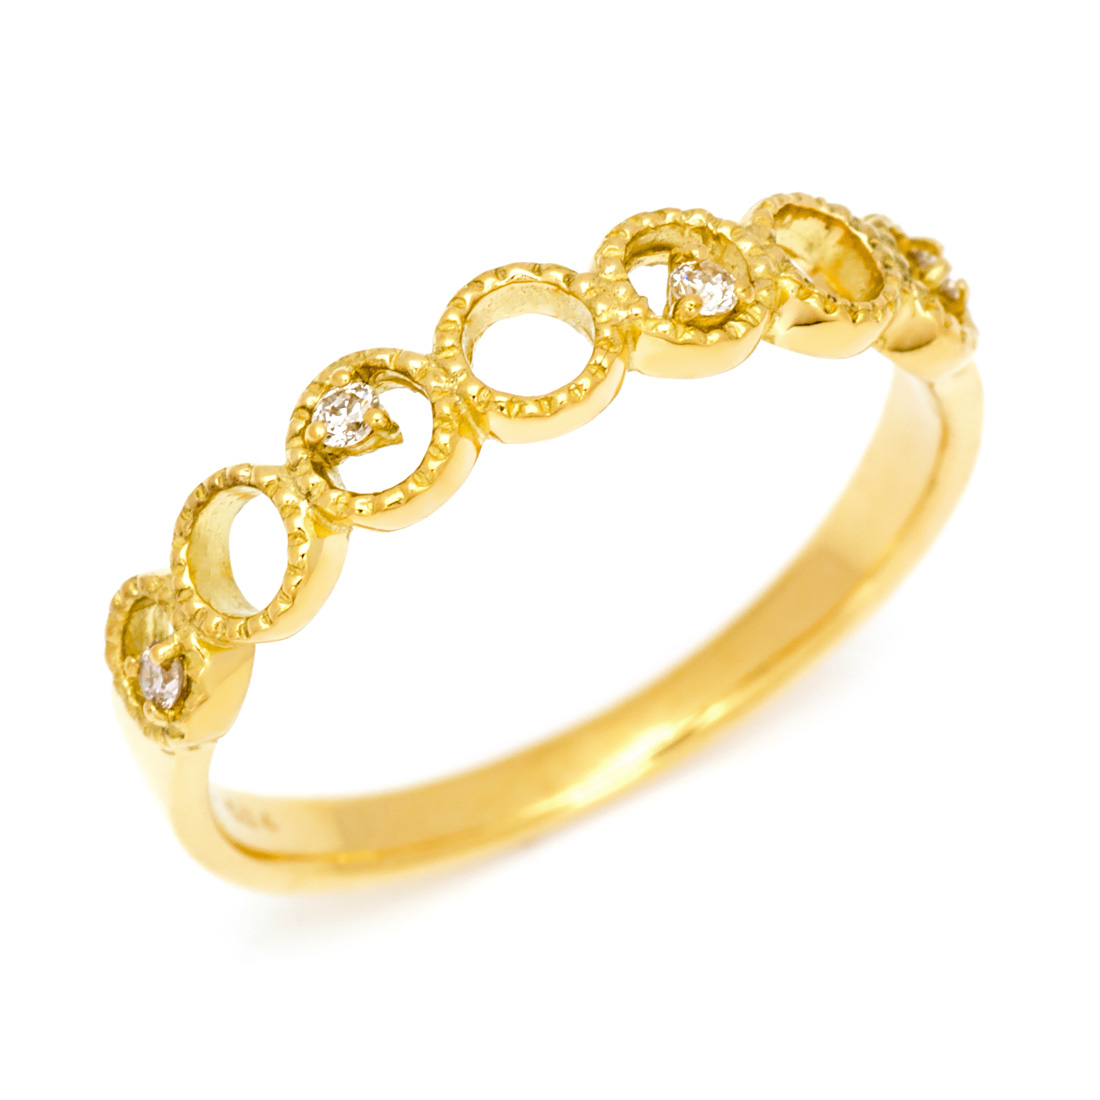 【GWクーポン配布中】K18 ダイヤモンド リング 「diafano」送料無料 指輪 18K 18金 ゴールド ダイアモンド ミル打ち 4月誕生石 誕生日 文字入れ 刻印 ピンキーリング対応可能 メッセージ ギフト 贈り物